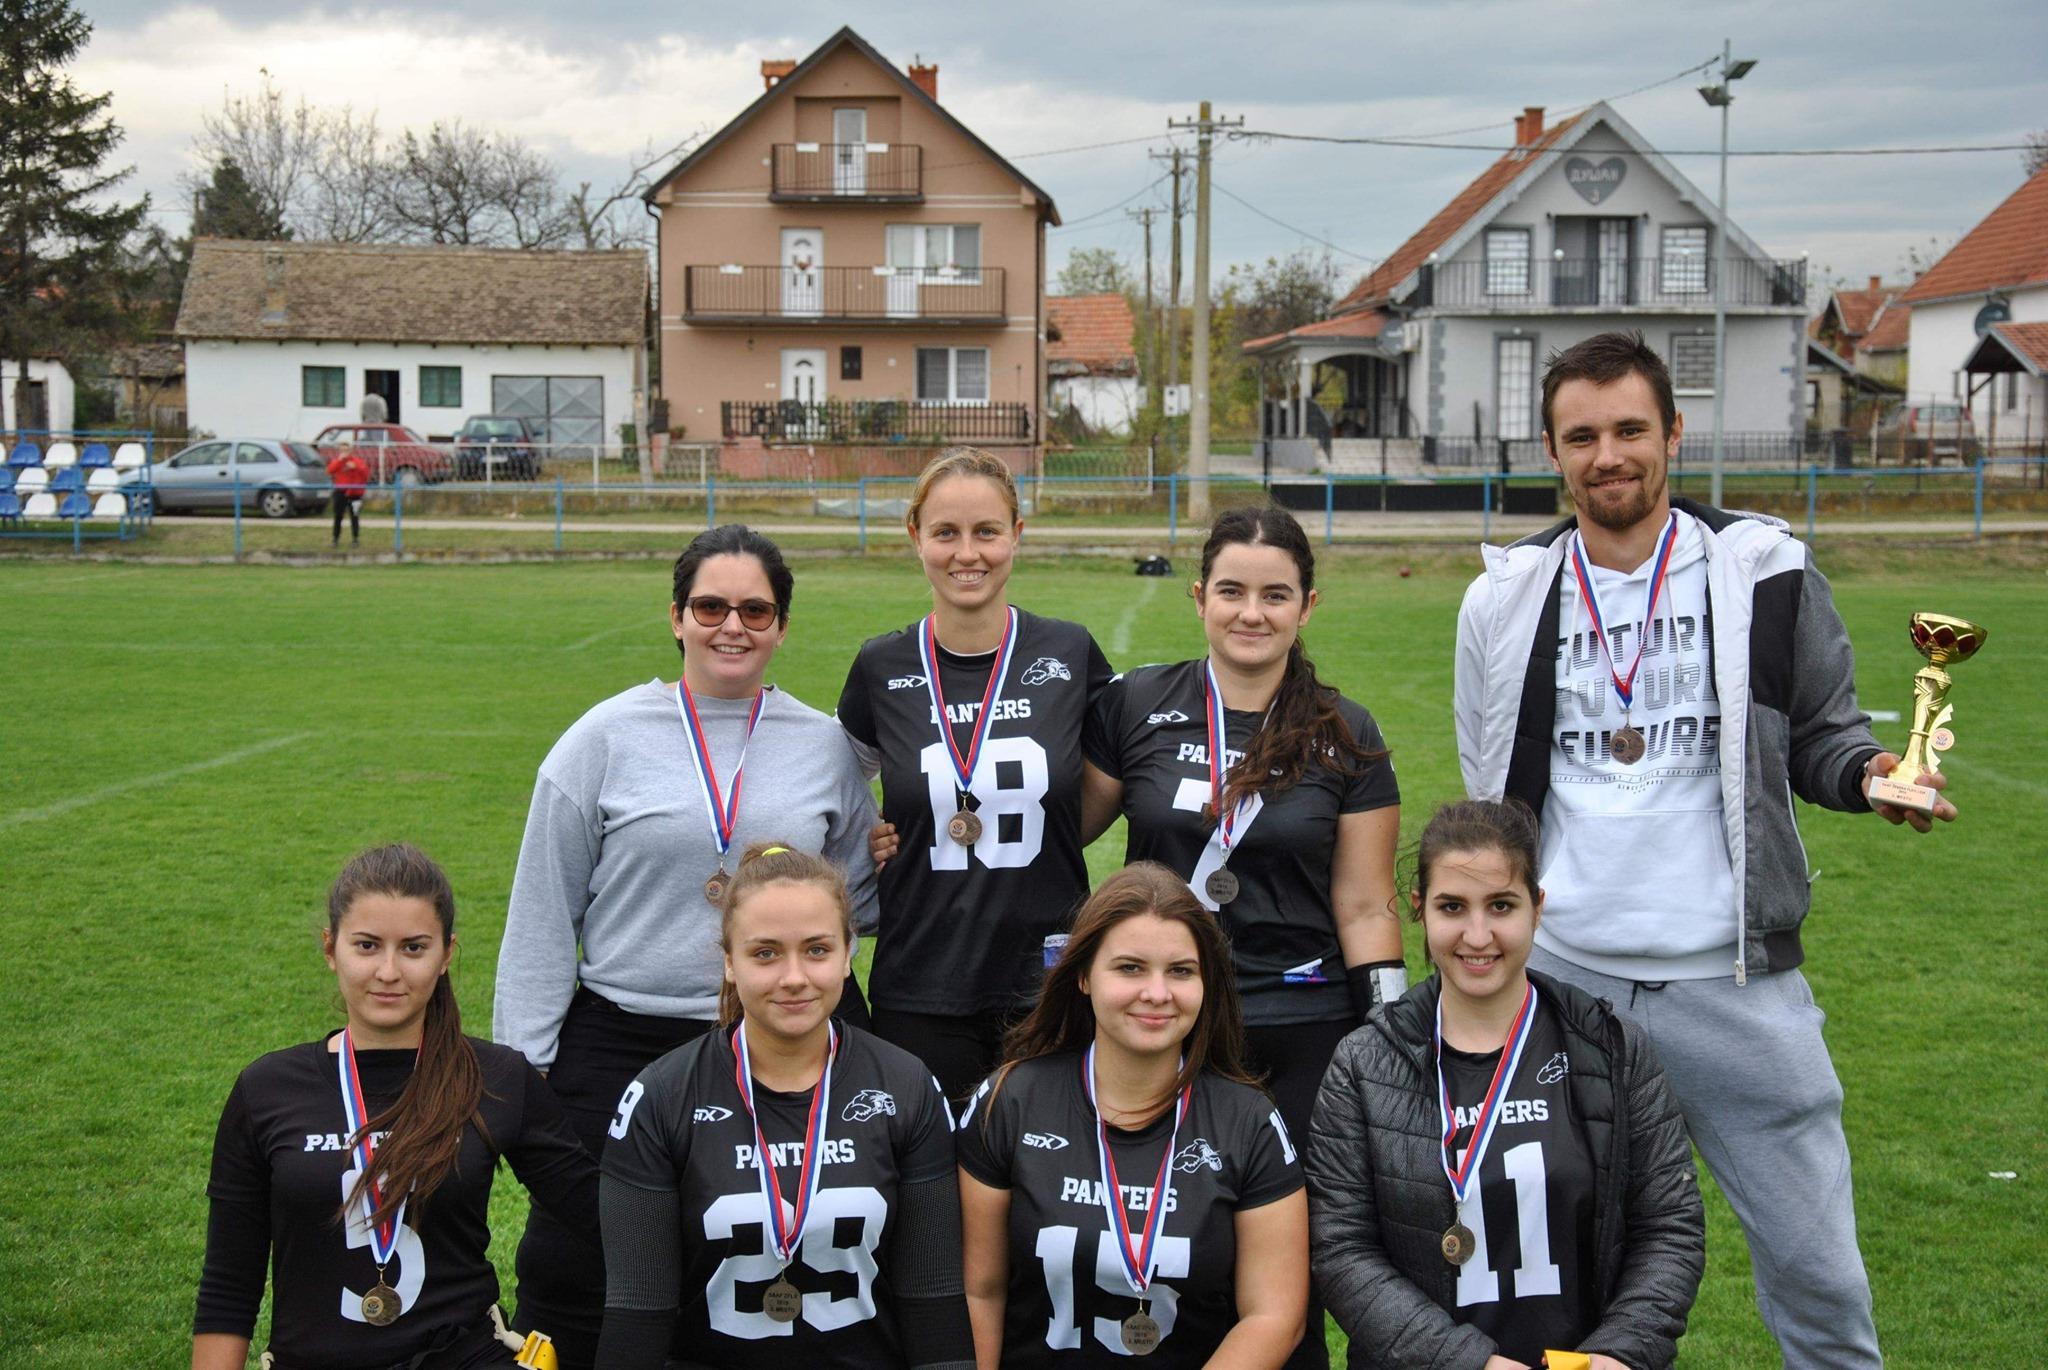 Pančevo Panthers ženska ekipa